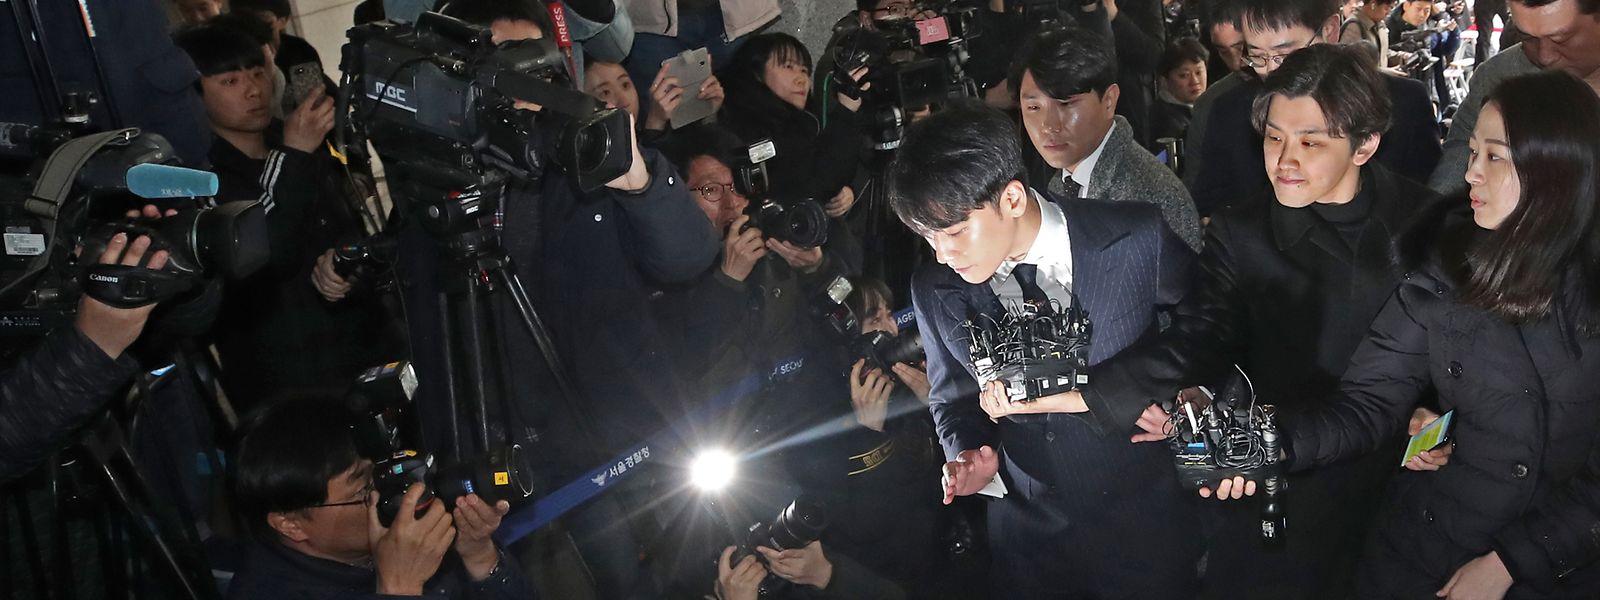 Seungri (M), Mitglied der K-Pop Boy Band BIGBANG, ist von Reportern umgeben, als er an der Seoul Metropolitan Police Agency eintrifft, um dort vernommen zuu werden. Der Sänger, dessen echter Name Lee Seung-hyun ist, soll angeblich Sexservices für potenzielle Investoren organisiert haben.